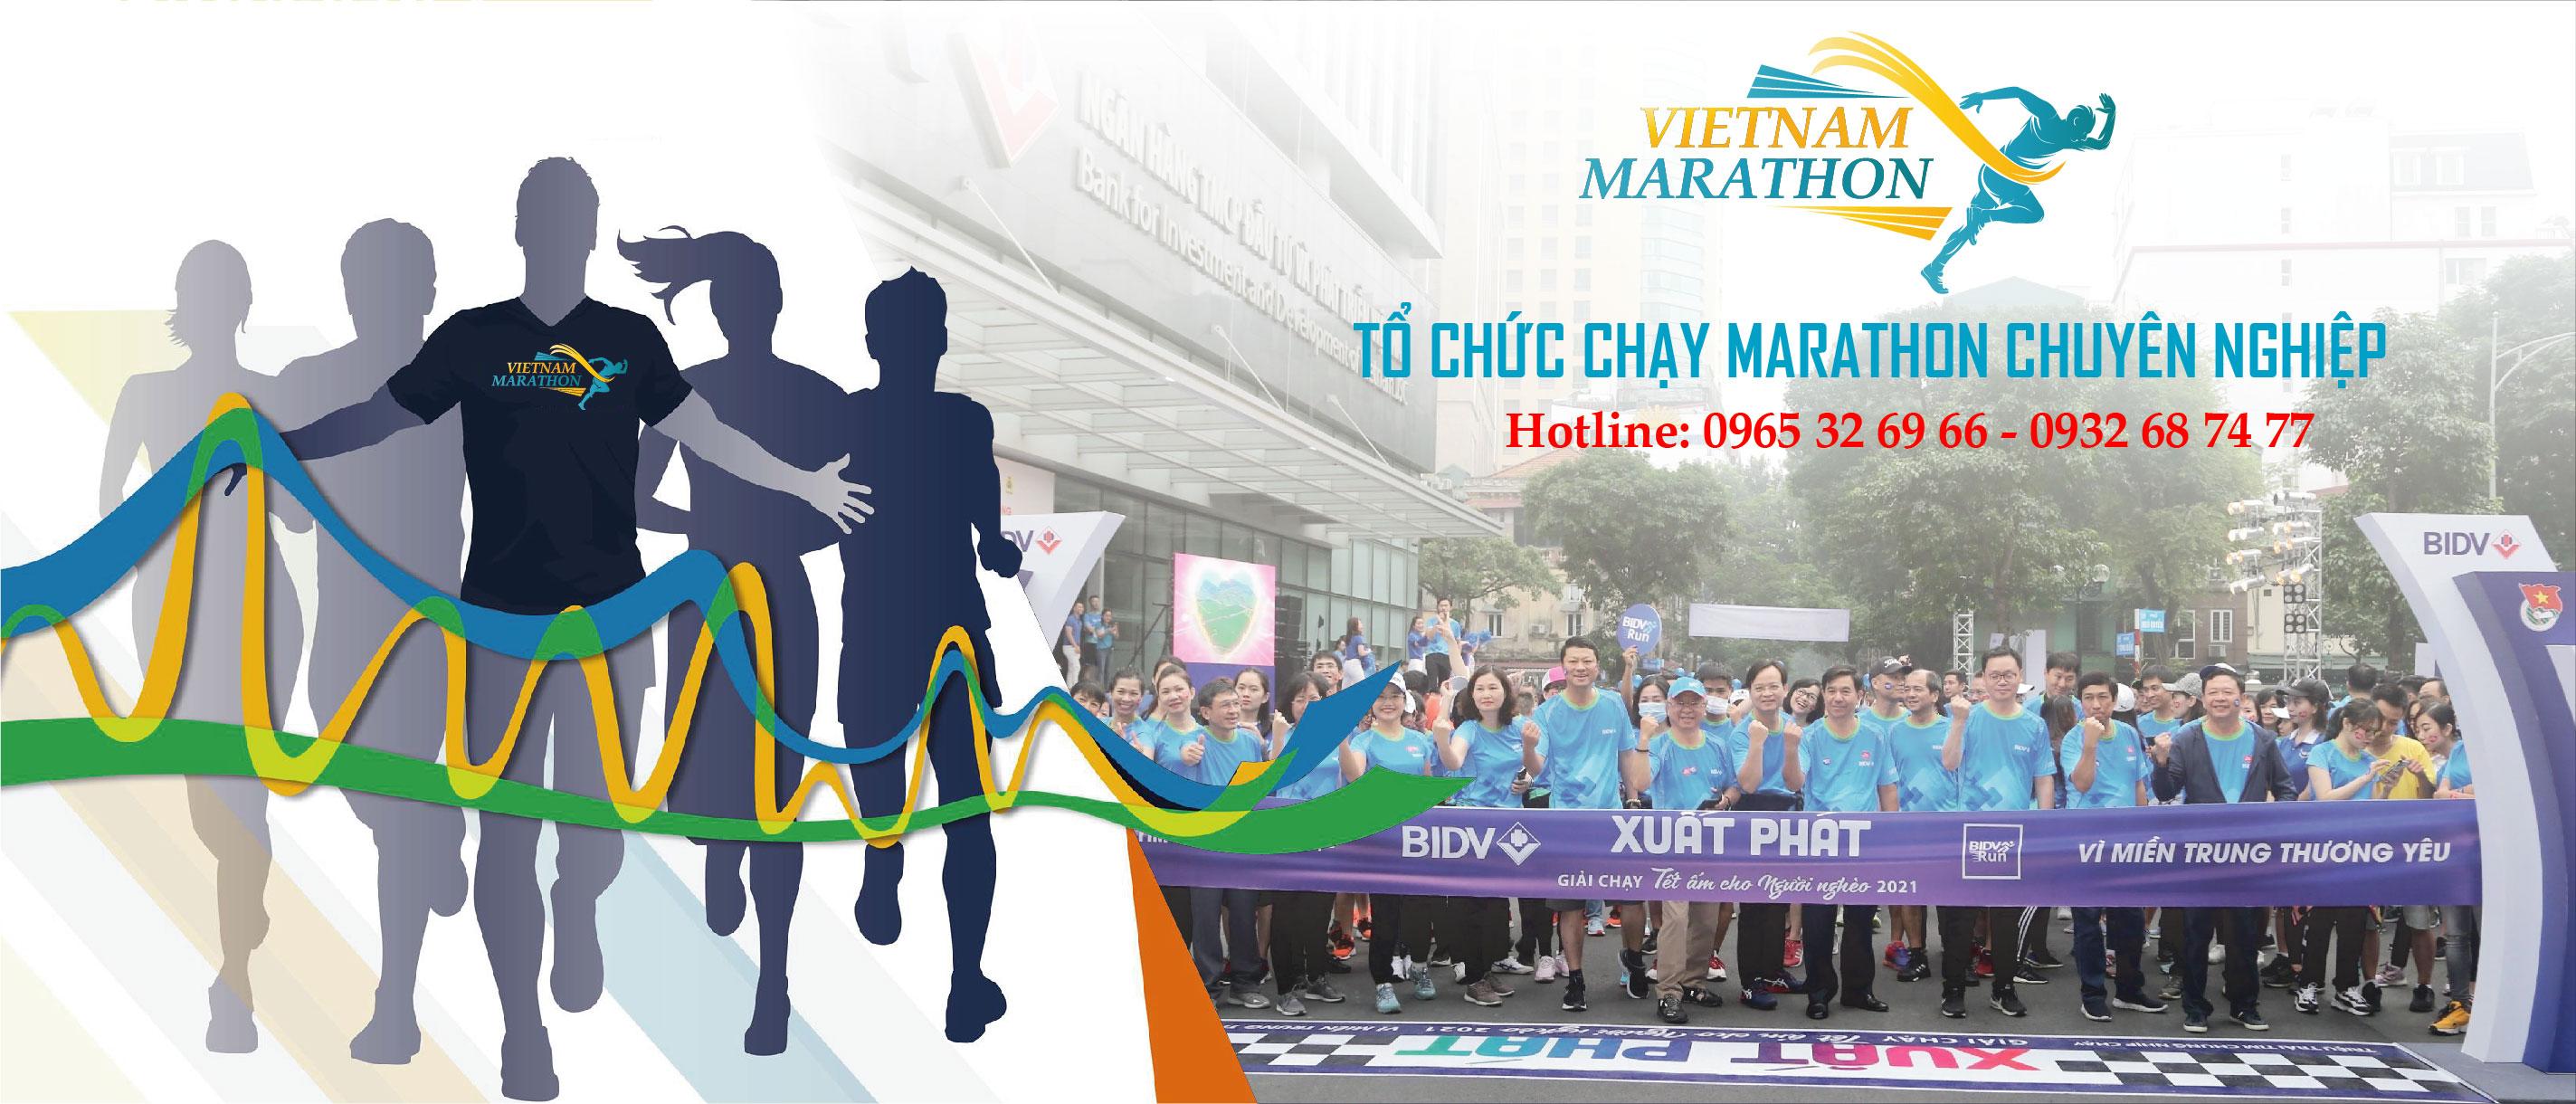 Tổ chức chạy marathon chuyên nghiệp